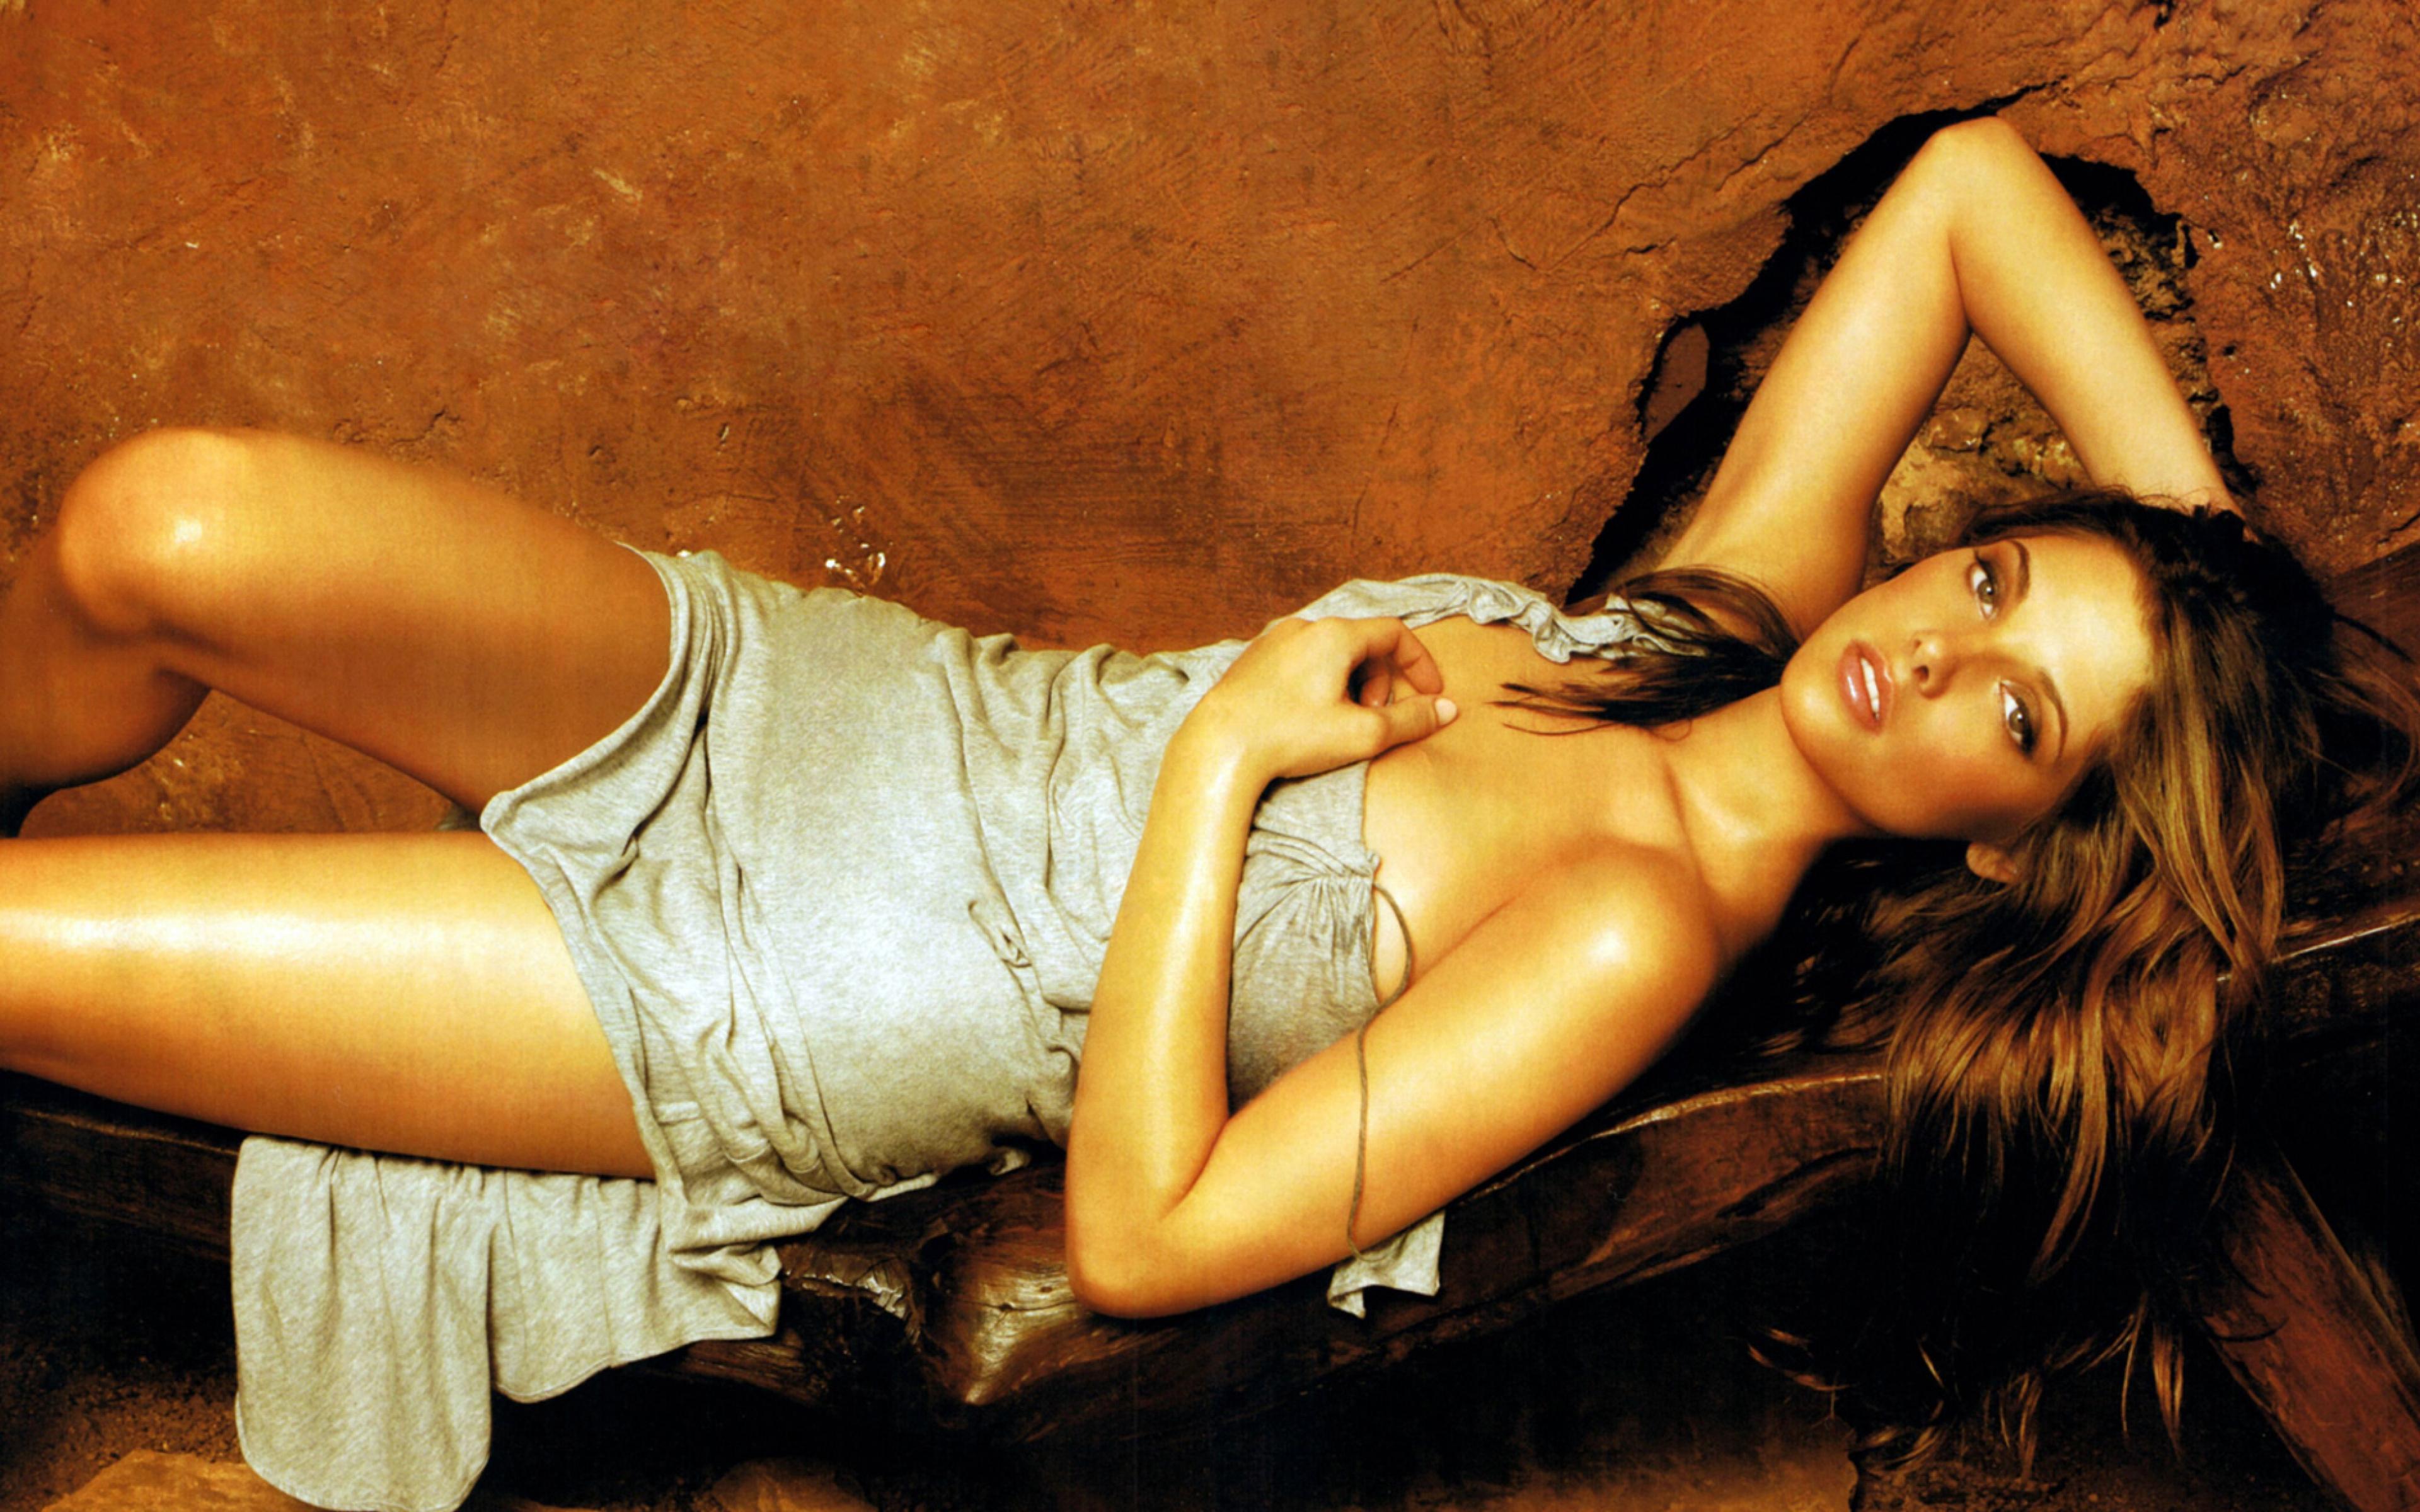 Ashley greene naked blog — photo 9